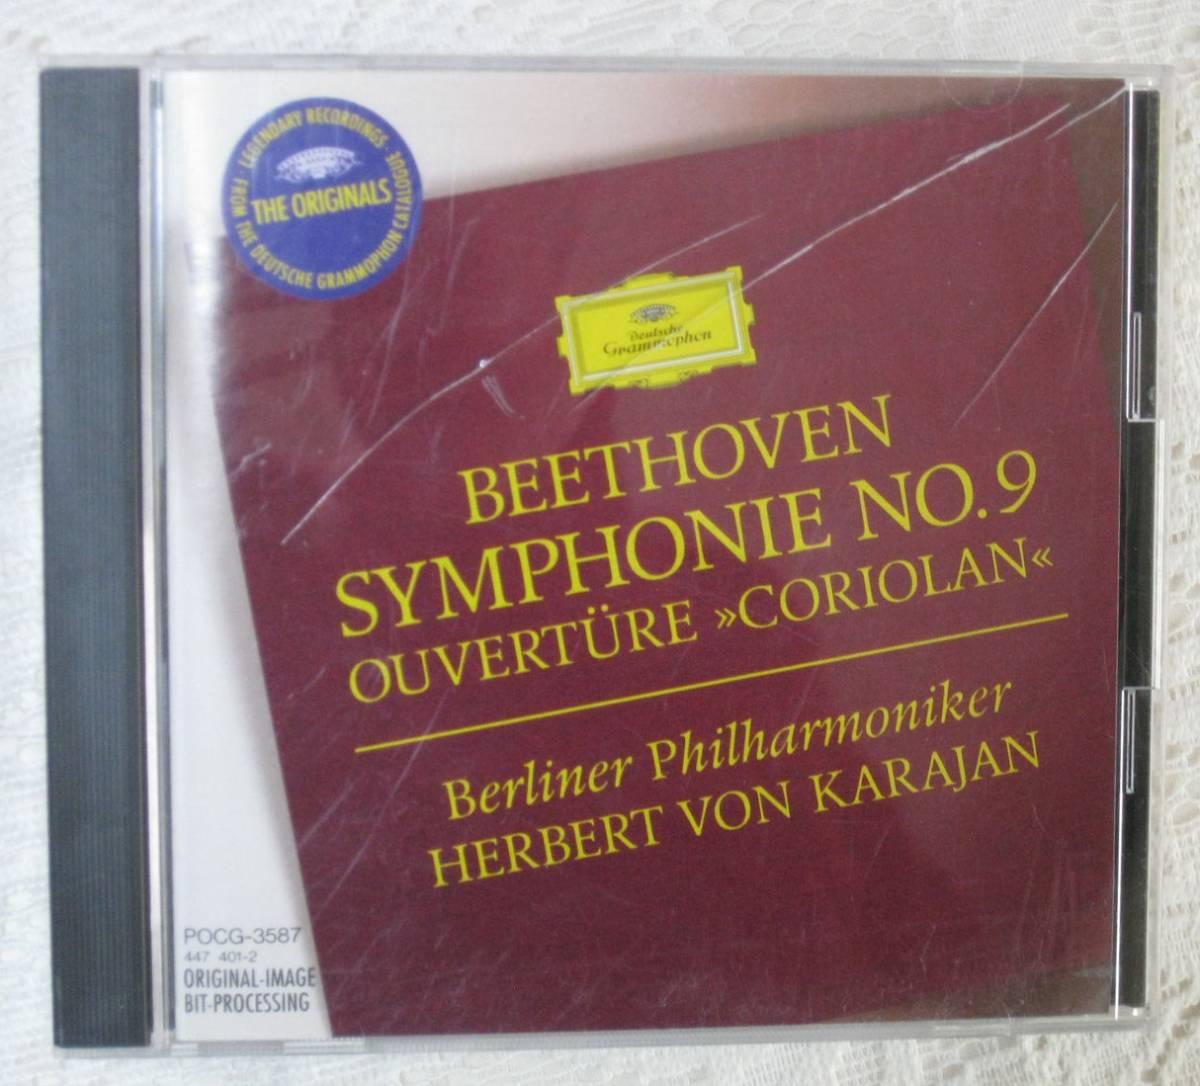 ベートーヴェン 交響曲第9番 合唱 指揮 カラヤン 演奏 ベルリンフィルハーモニー管弦楽団_画像1